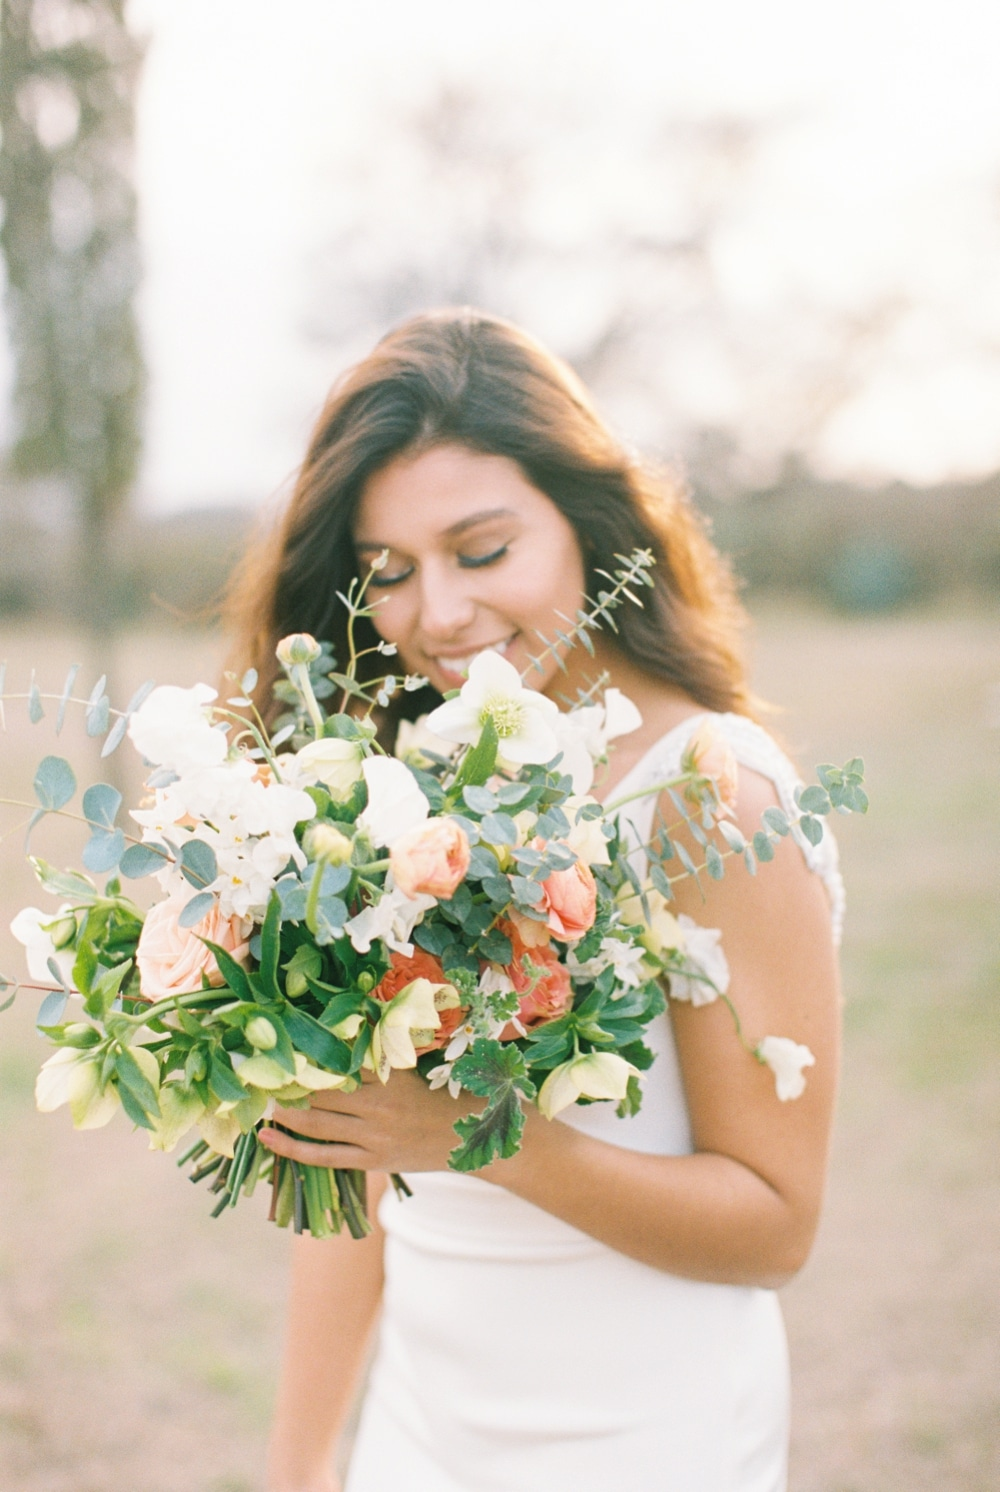 Kristin-La-Voie-Photography-Le-San-Michele-Austin-Wedding-Photographer-17